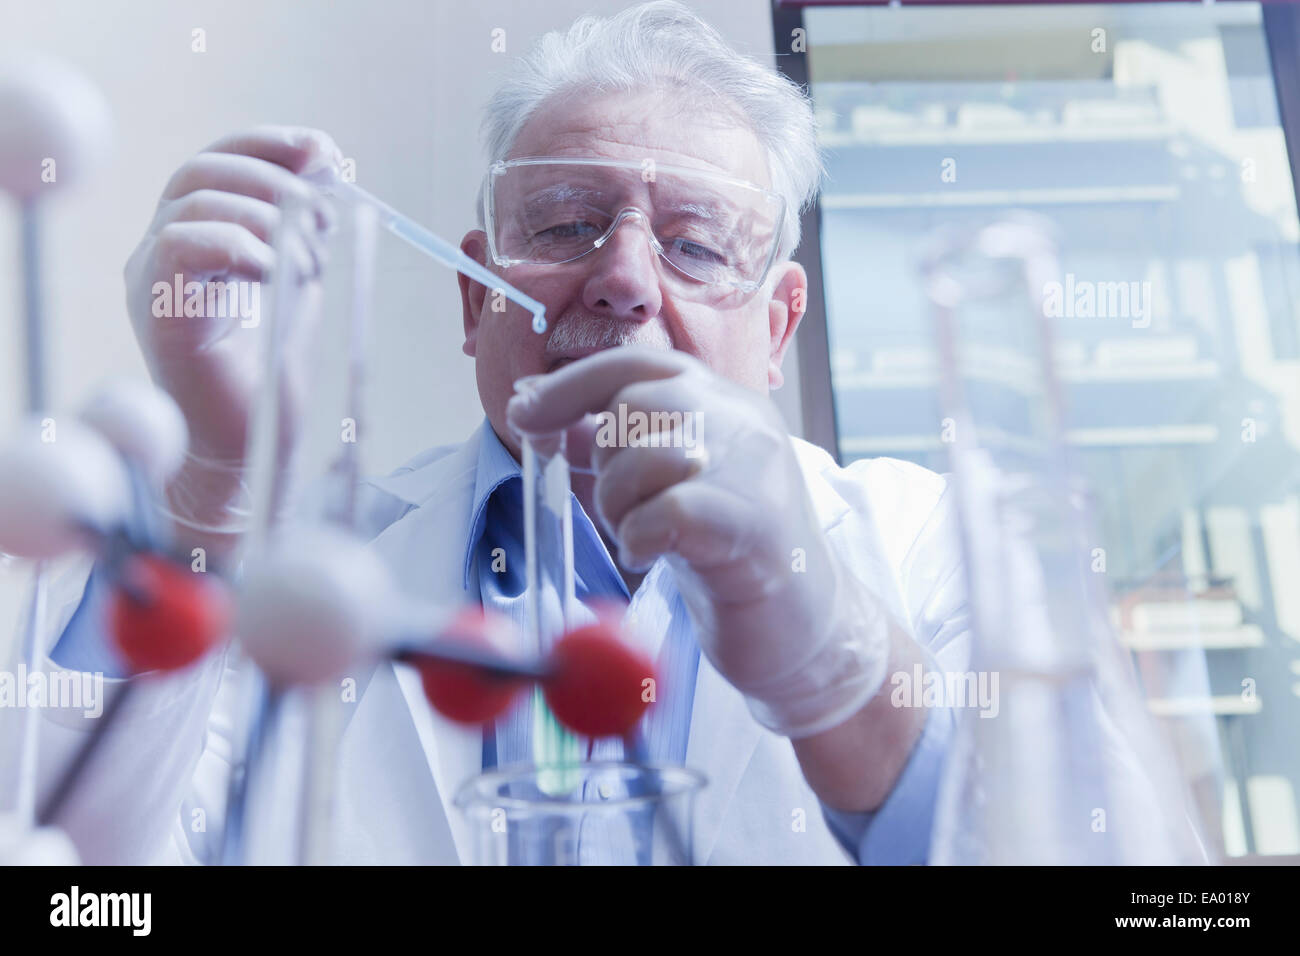 Senior Scientist trabajando en laboratorio Imagen De Stock